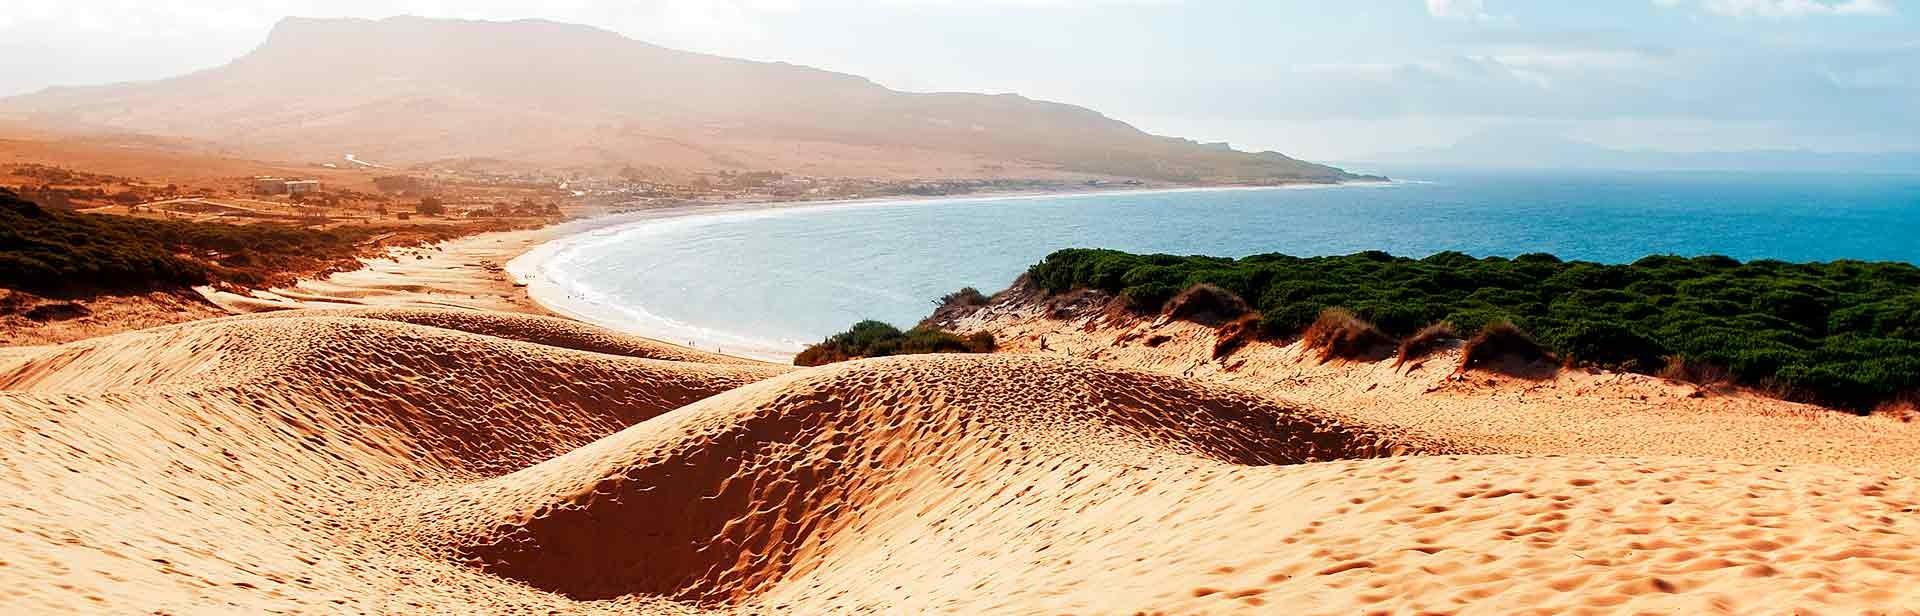 Todo incluido y playas de arena blanca